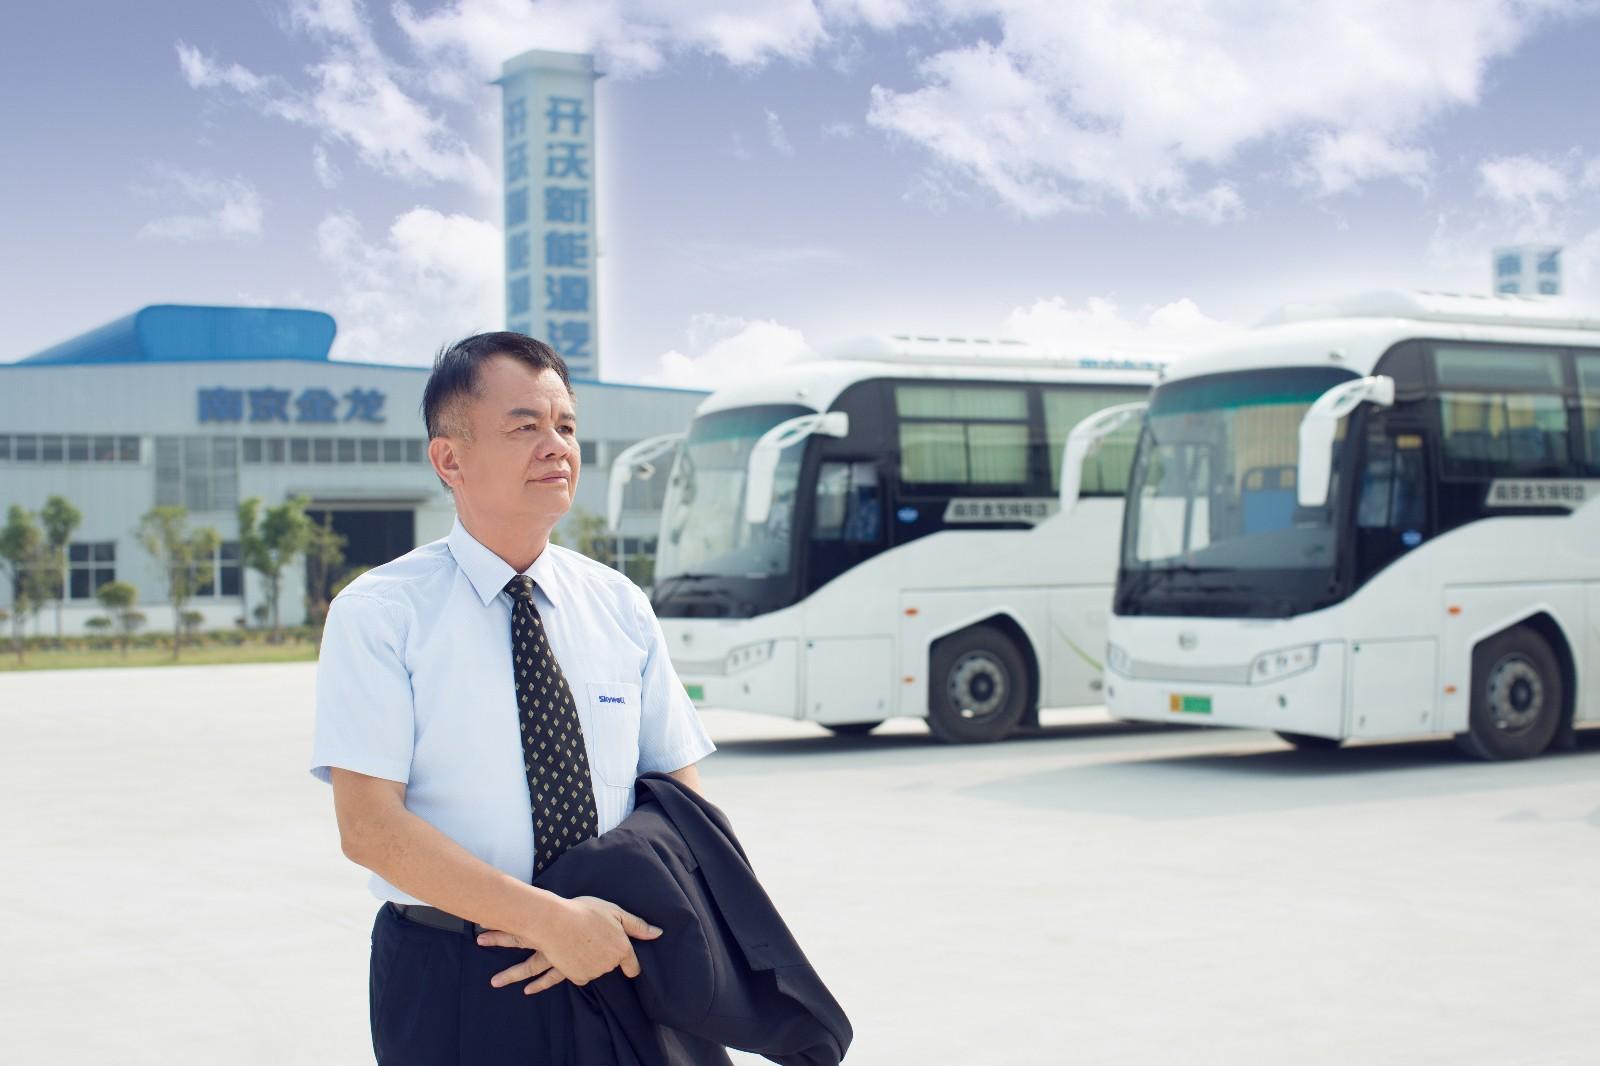 创维集团创始人、开沃新能源汽车集团董事长黄宏生